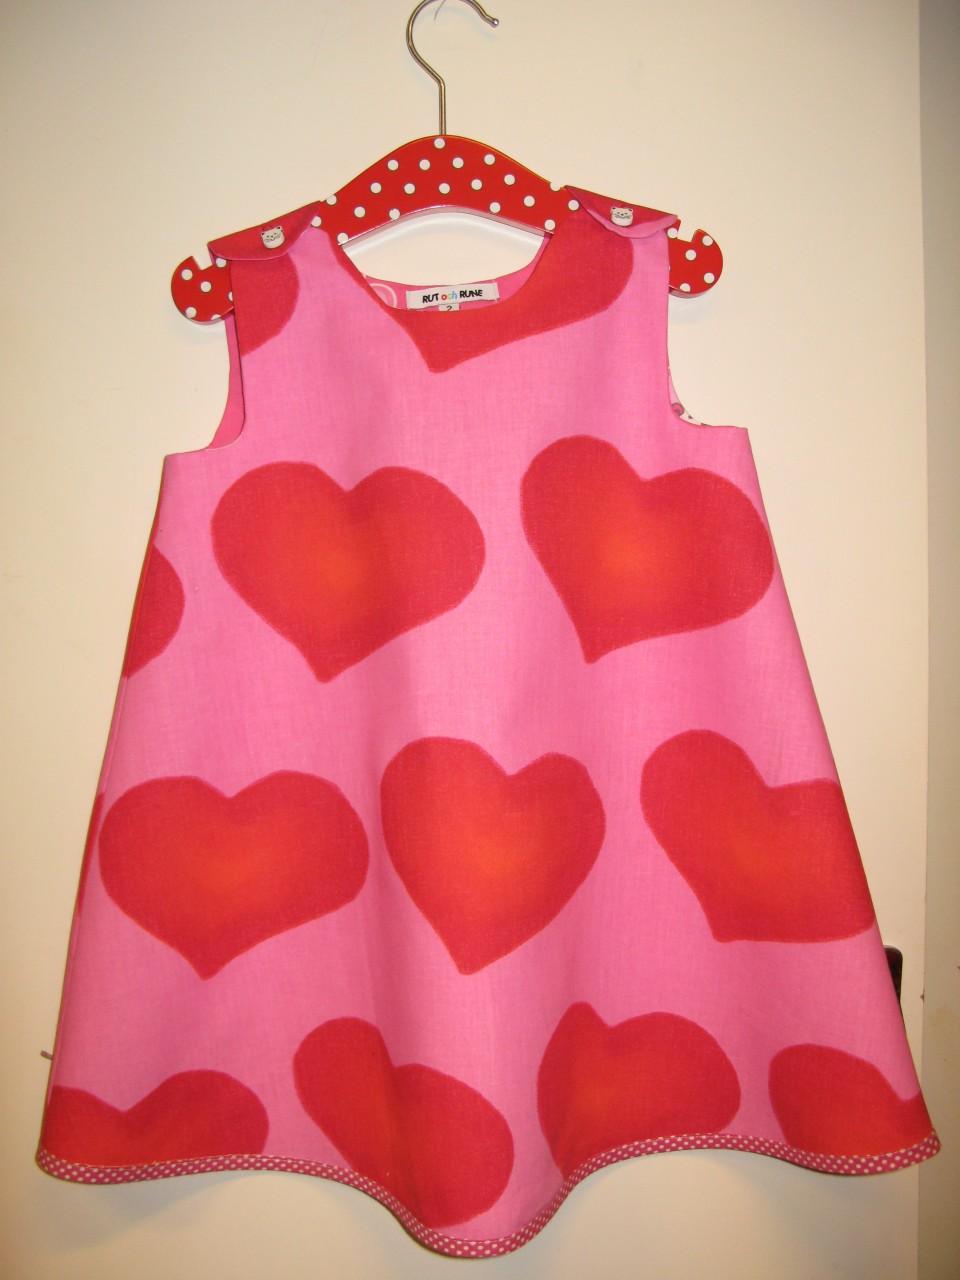 bdbbdf2adabc Röda hjärtan på rosa botten kan det bli bättre? Vi har flera klänningar med  hjärtan på bara att gå in och beställa.Vi på Rut och Rune har alla Hjärtans  dag ...